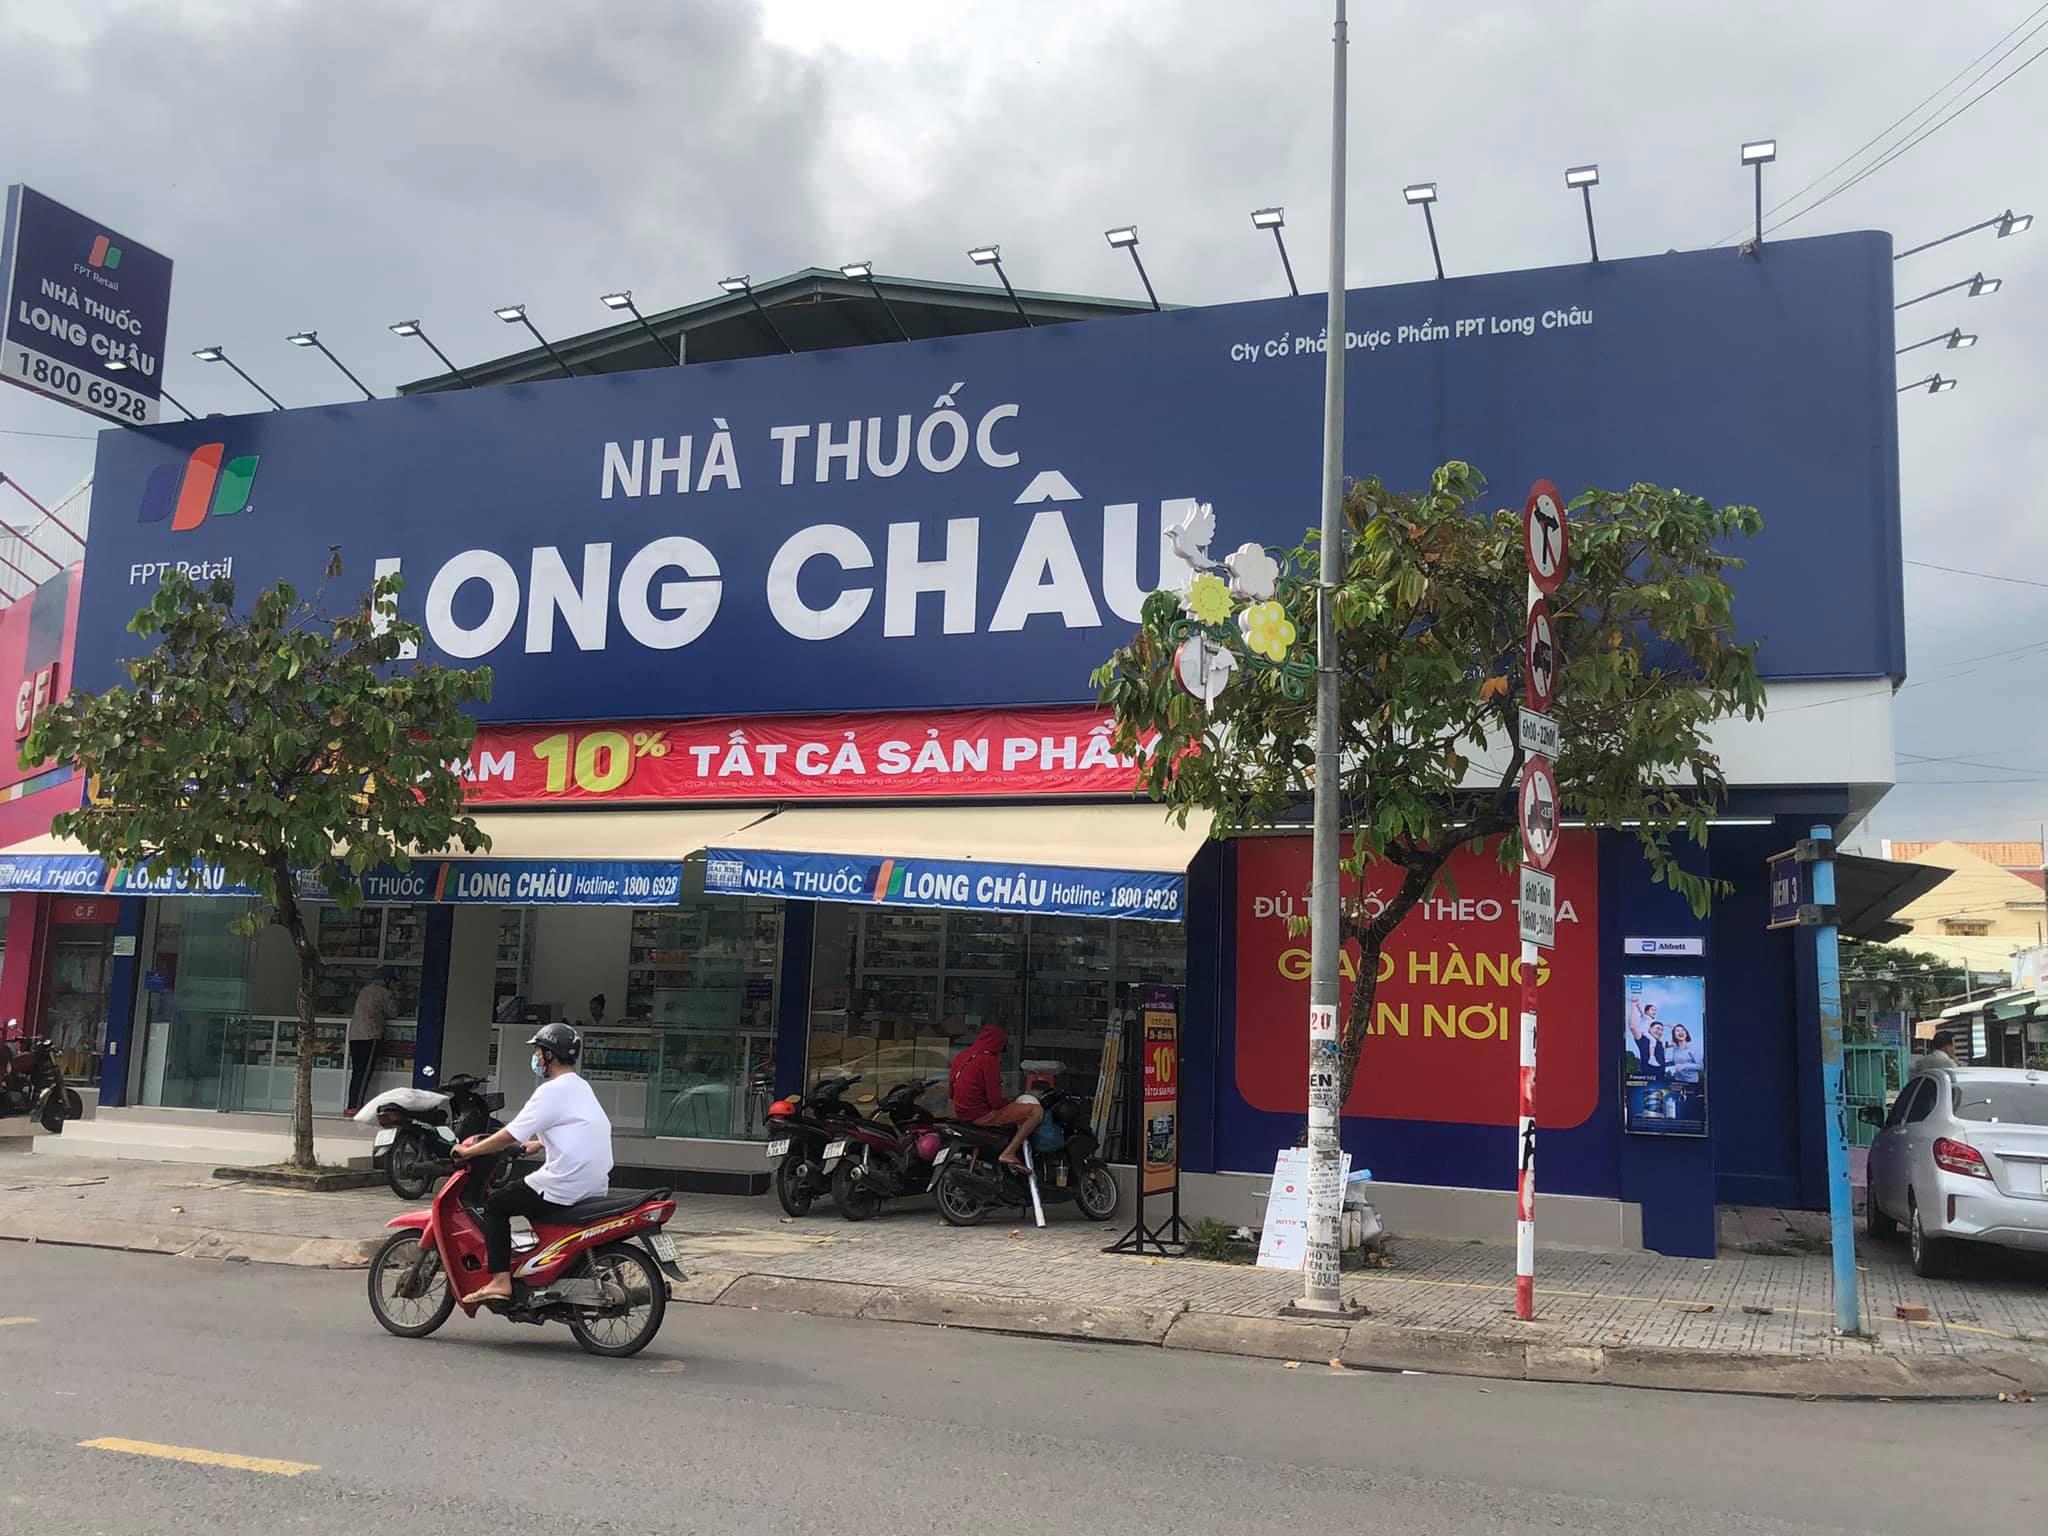 Thi công bảng hiệu nhà thuốc Long Châu